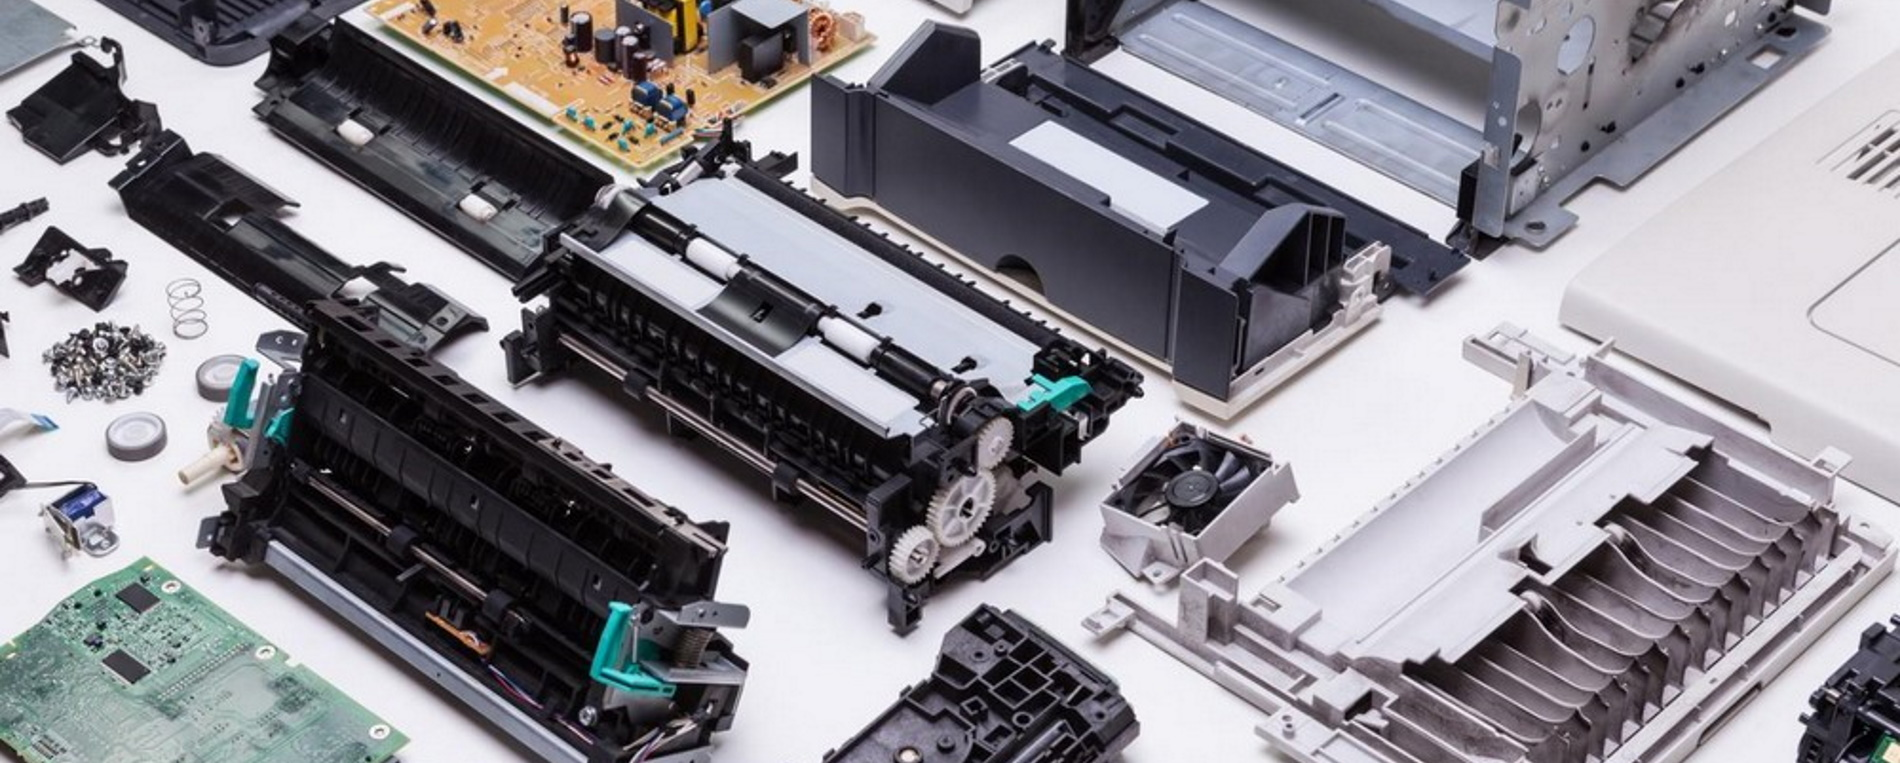 Ремонт лазерных принтеров и МФУ